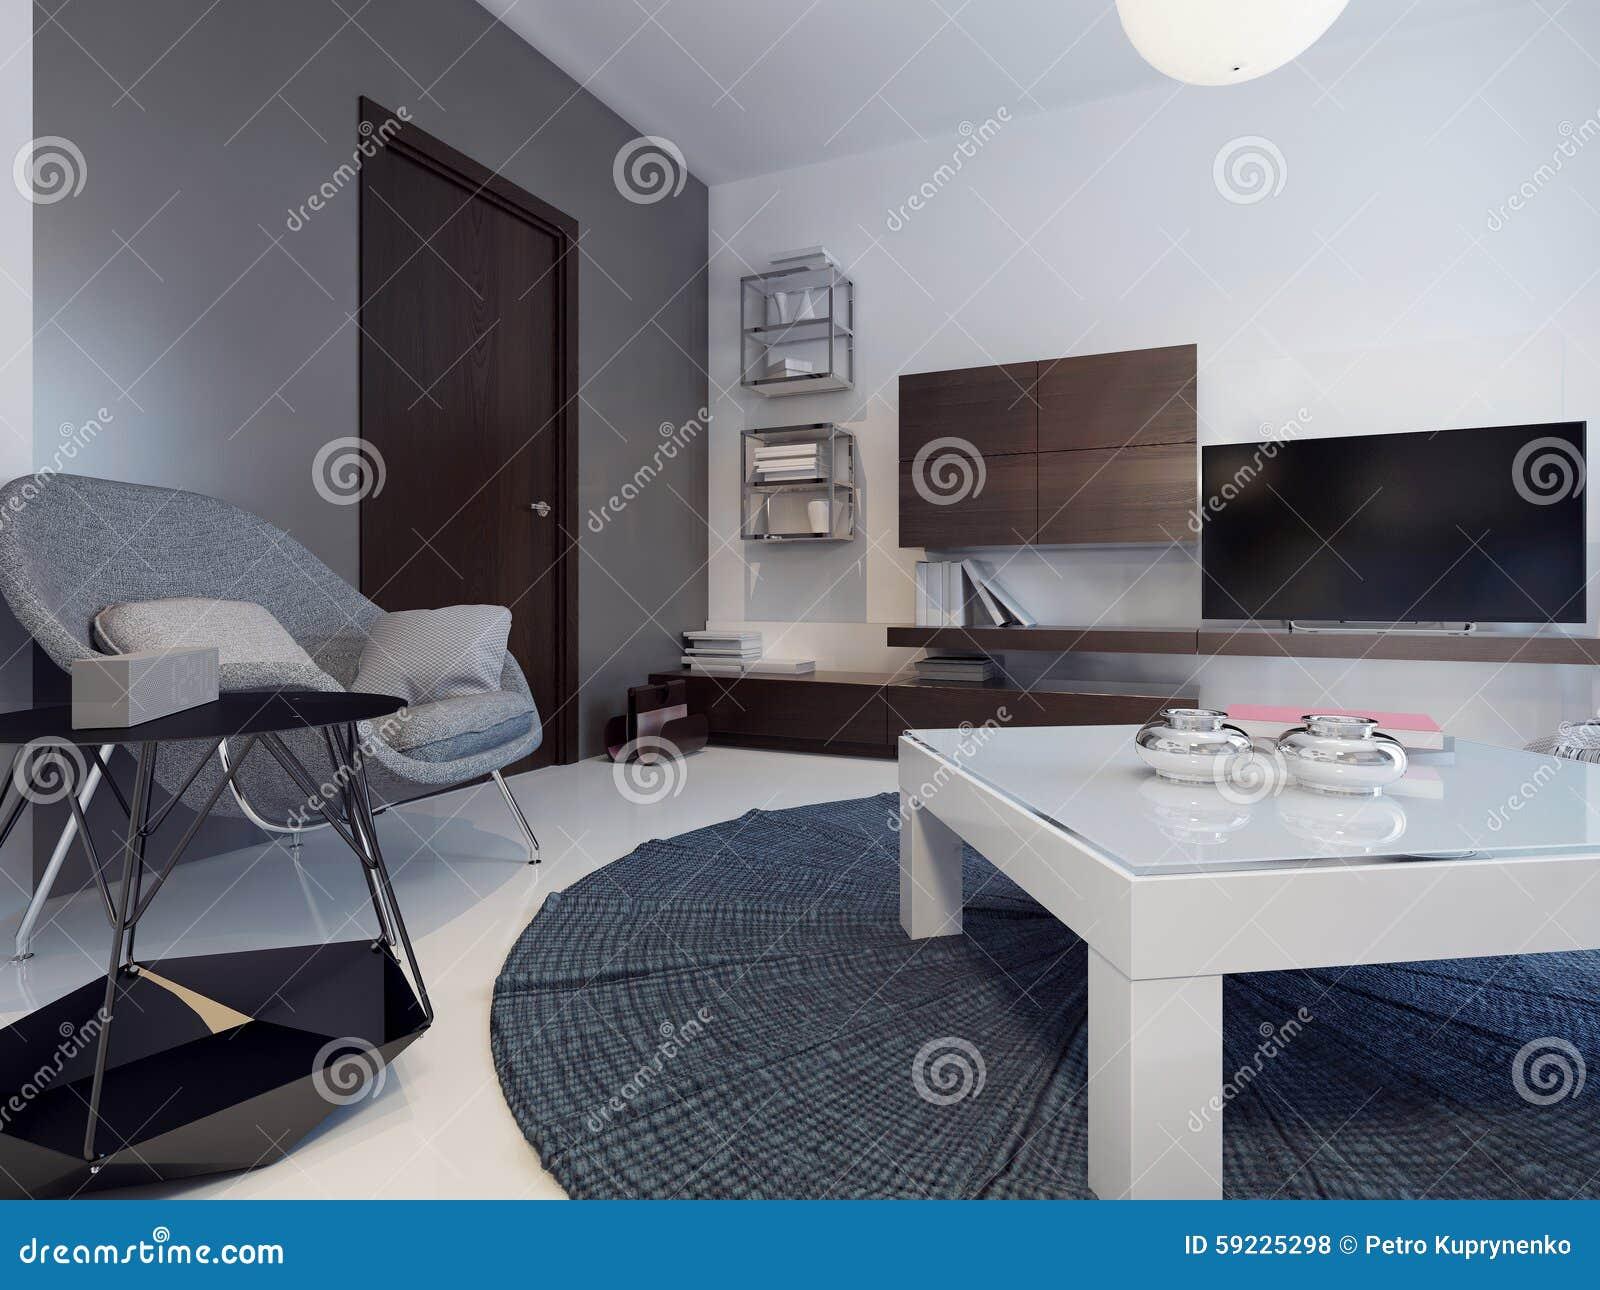 Download Idea Del Sitio Contemporáneo De Vida Foto de archivo - Imagen de lámpara, interior: 59225298